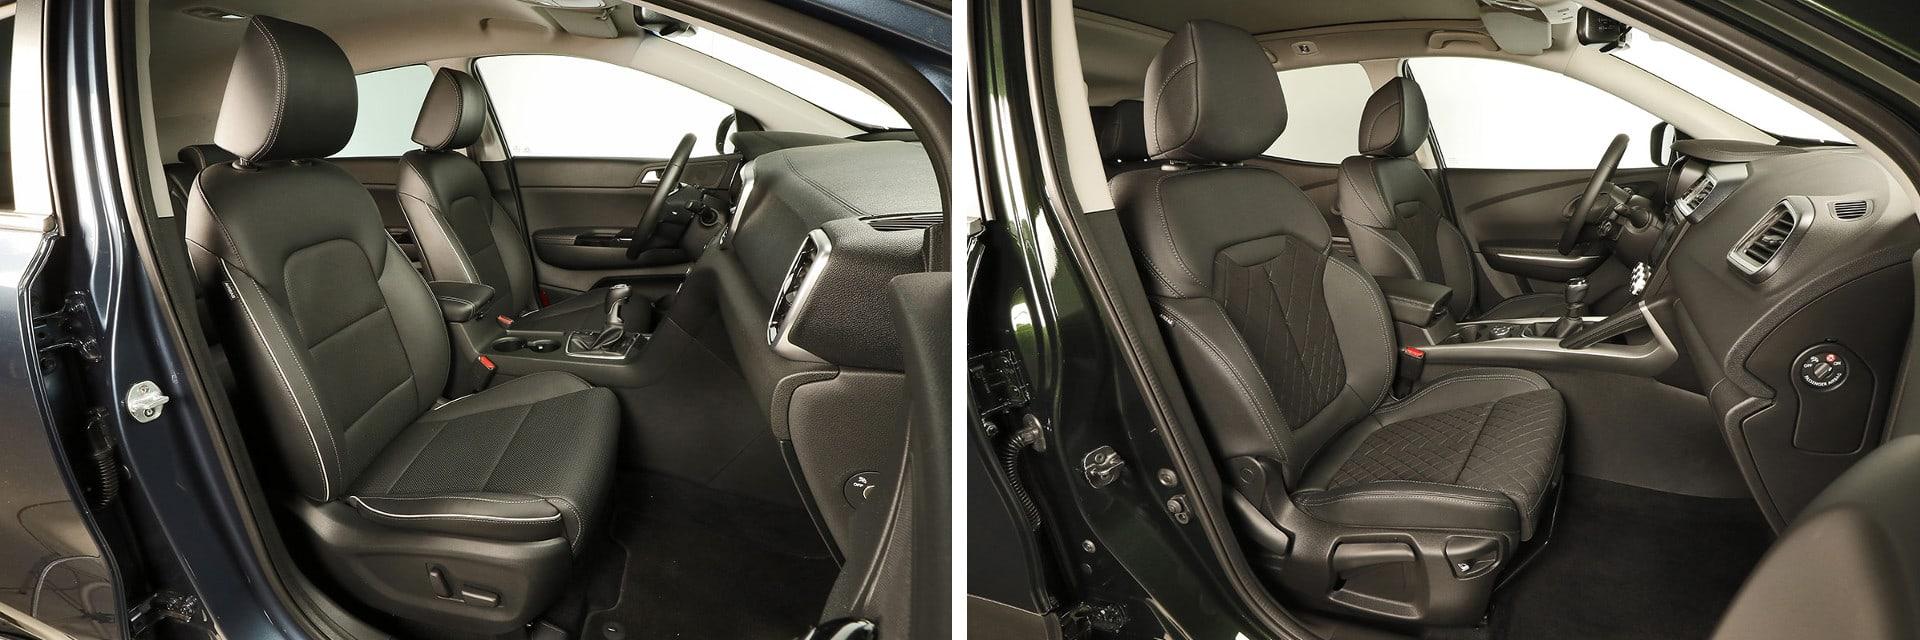 En ambos coches los asientos son anchos y cuentan con un mullido cómodo. / km77